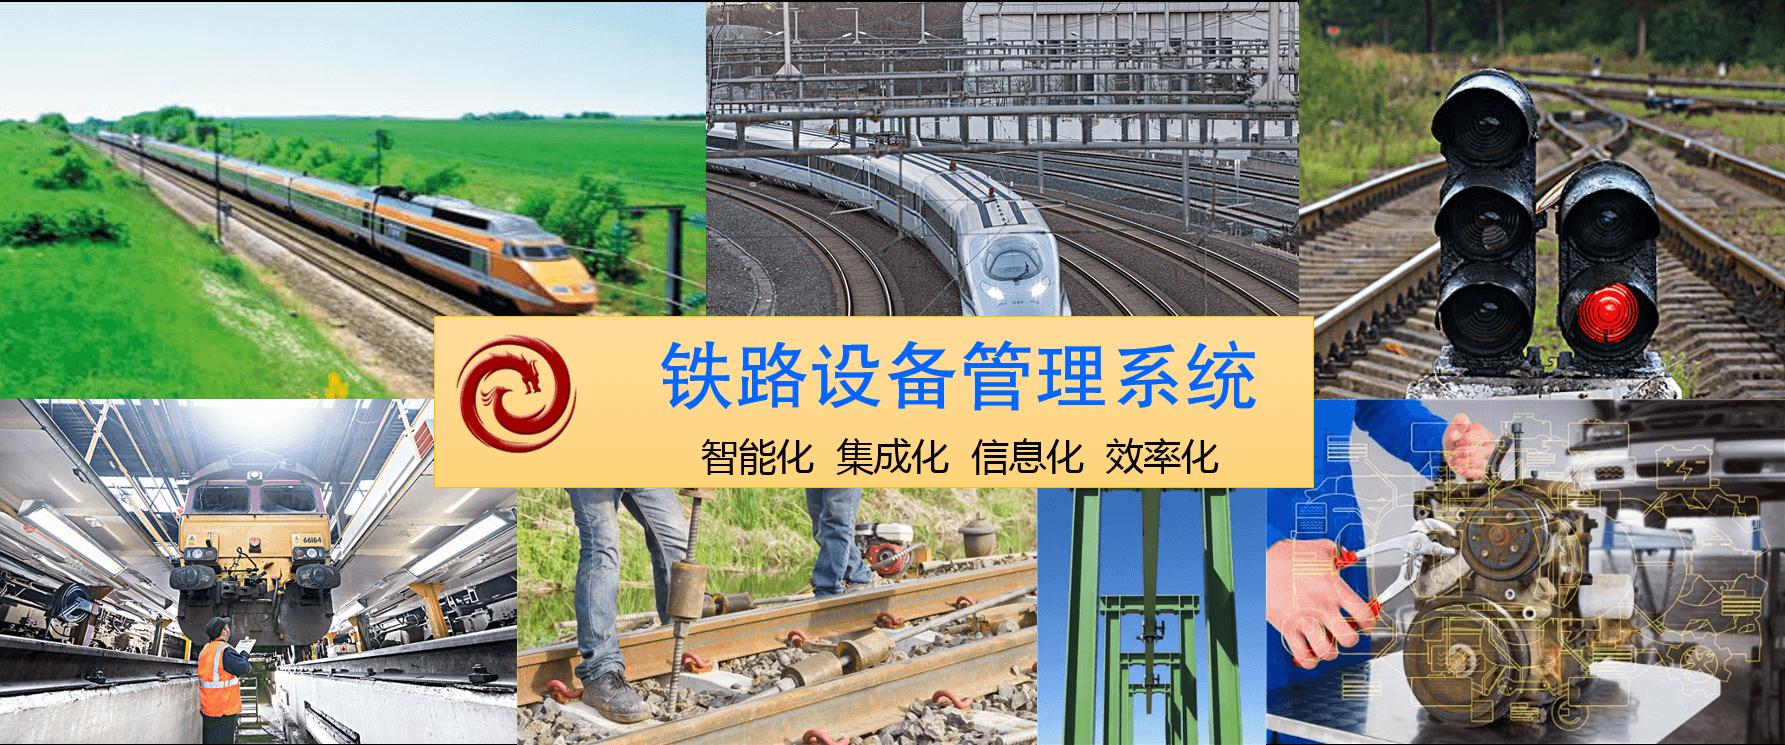 铁路设备管理系统应用情况